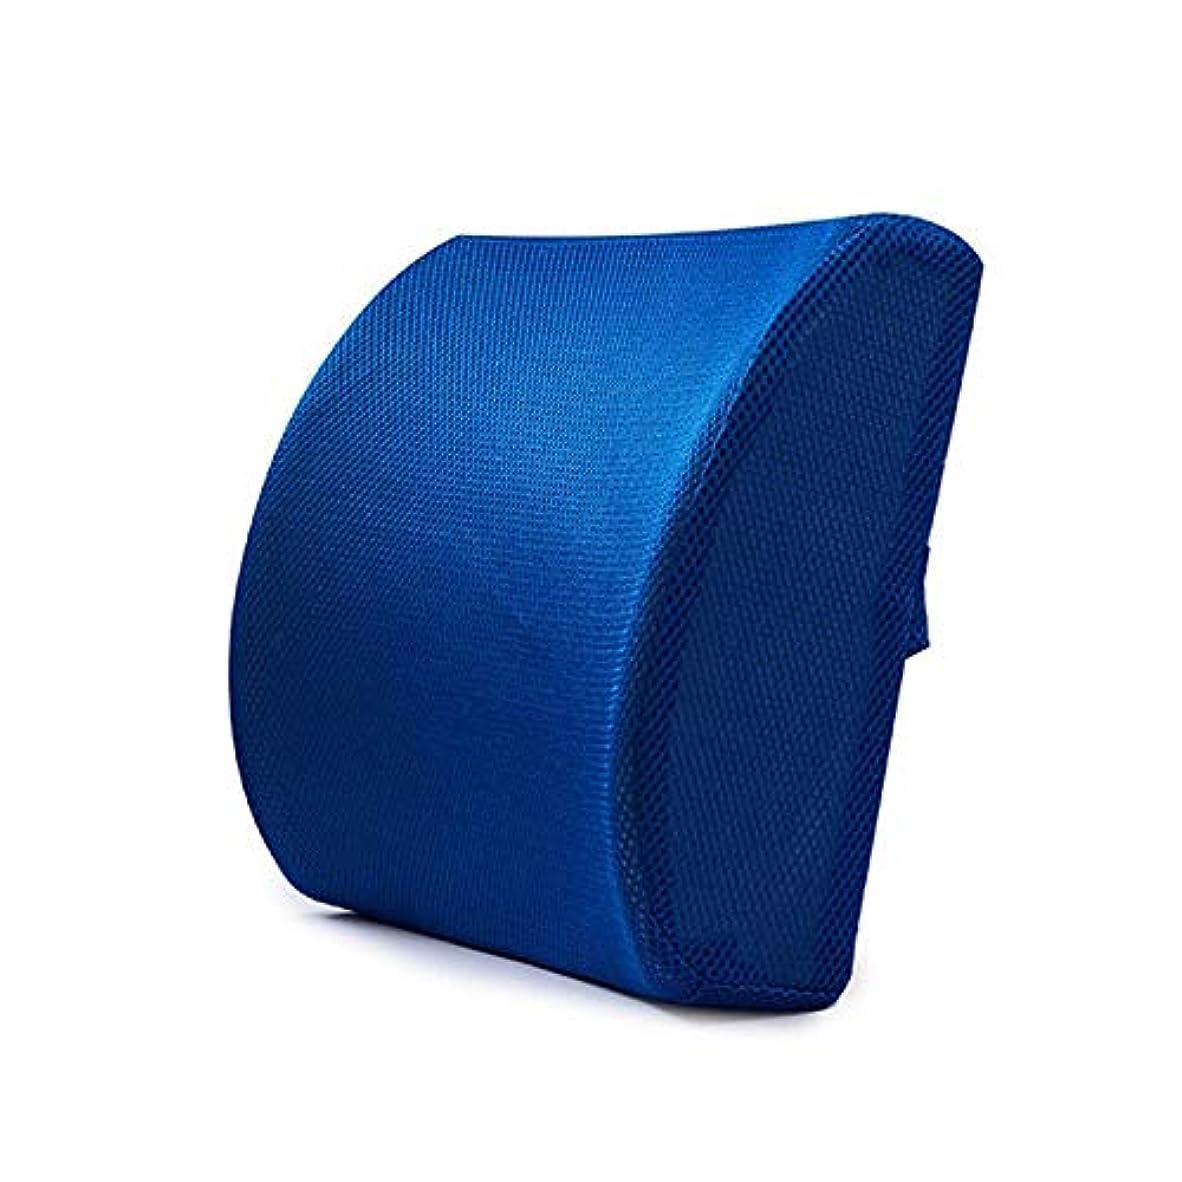 夜ファセット博物館LIFE ホームオフィス背もたれ椅子腰椎クッションカーシートネック枕 3D 低反発サポートバックマッサージウエストレスリビング枕 クッション 椅子